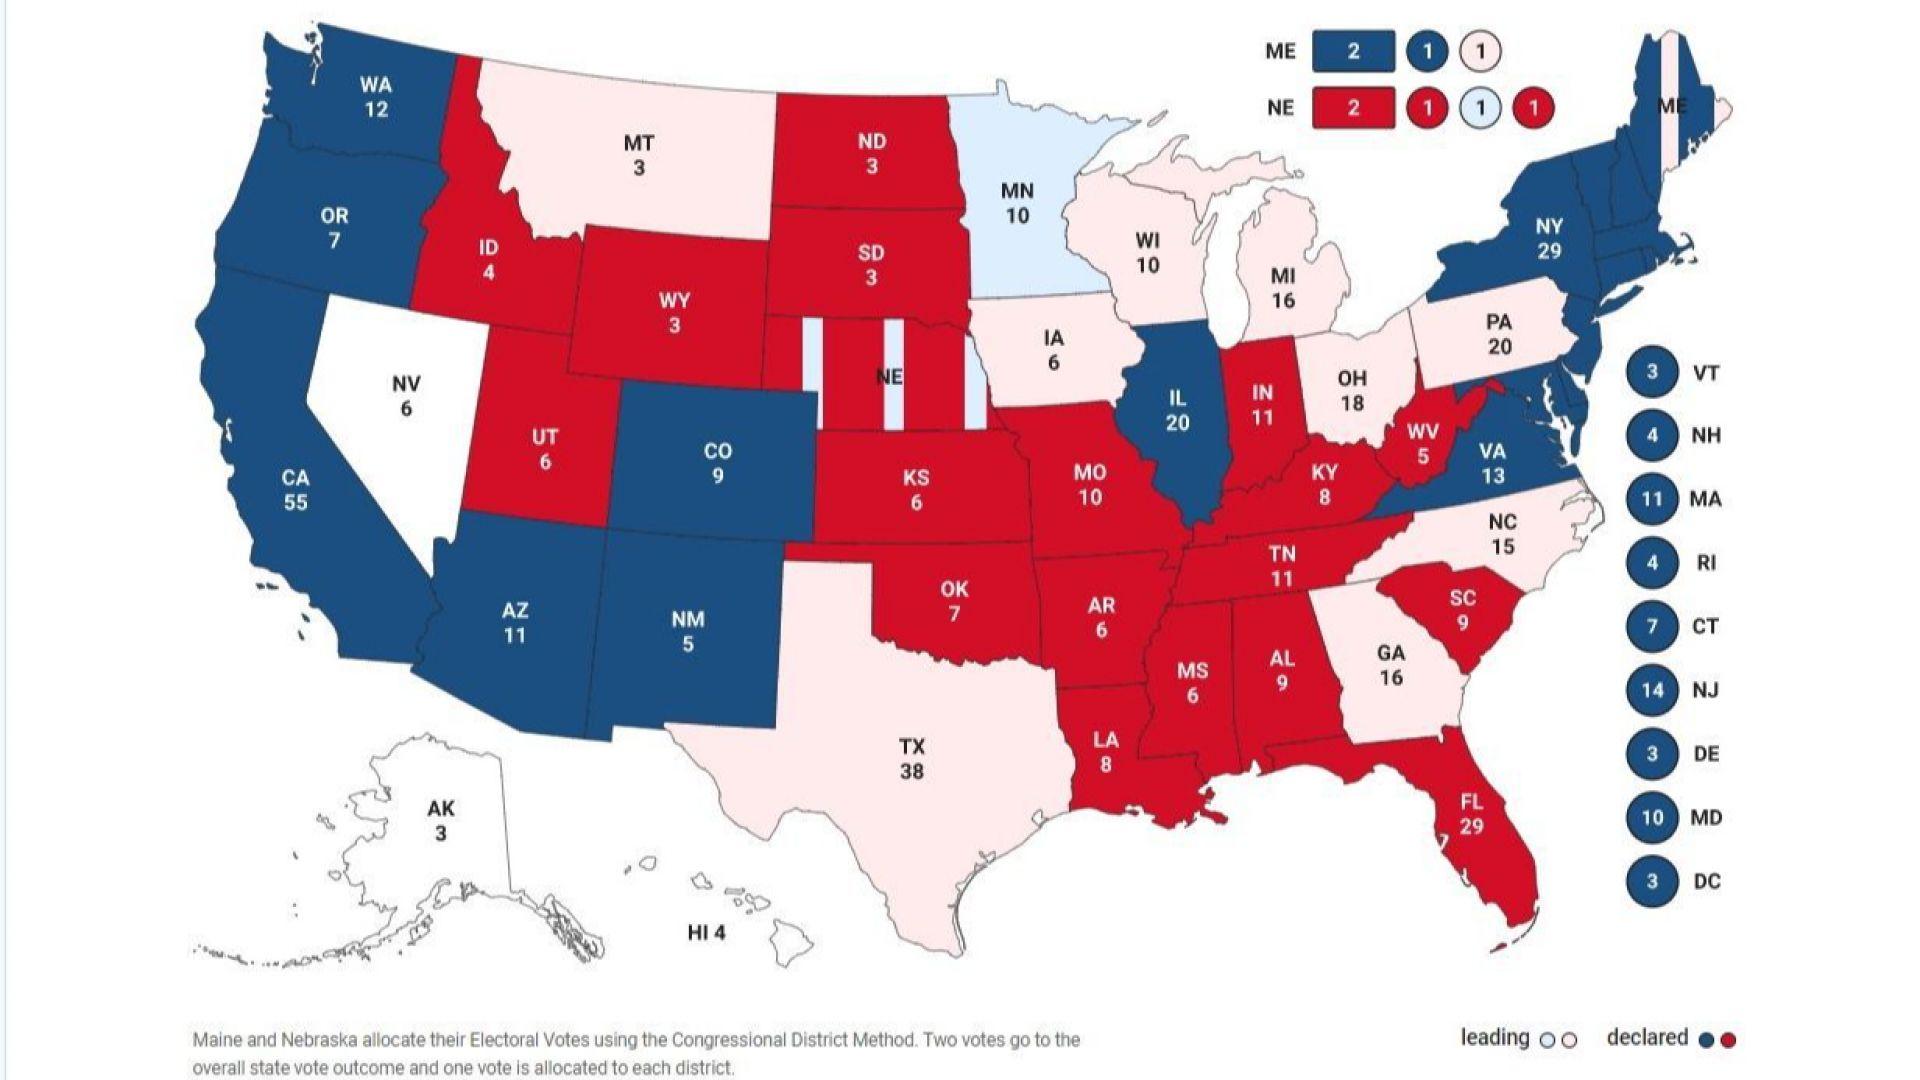 Байдън отстъпи в Охайо, Тексас и Пенсилвания, но бе избран от Запада, Тръмп държи Флорида